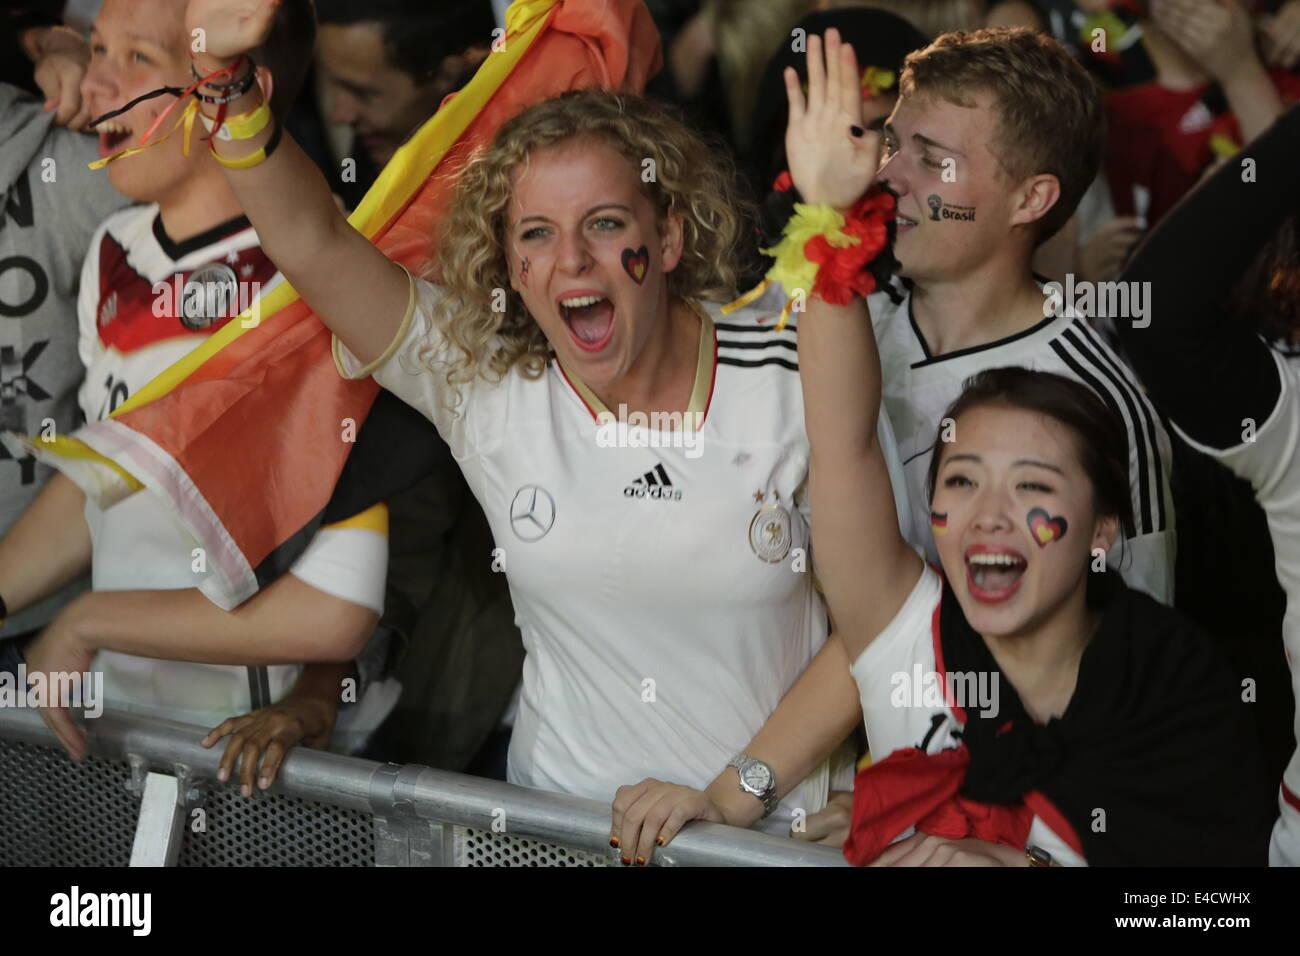 Frankfurt, Alemania  8 de julio de 2014  Fans alemanes